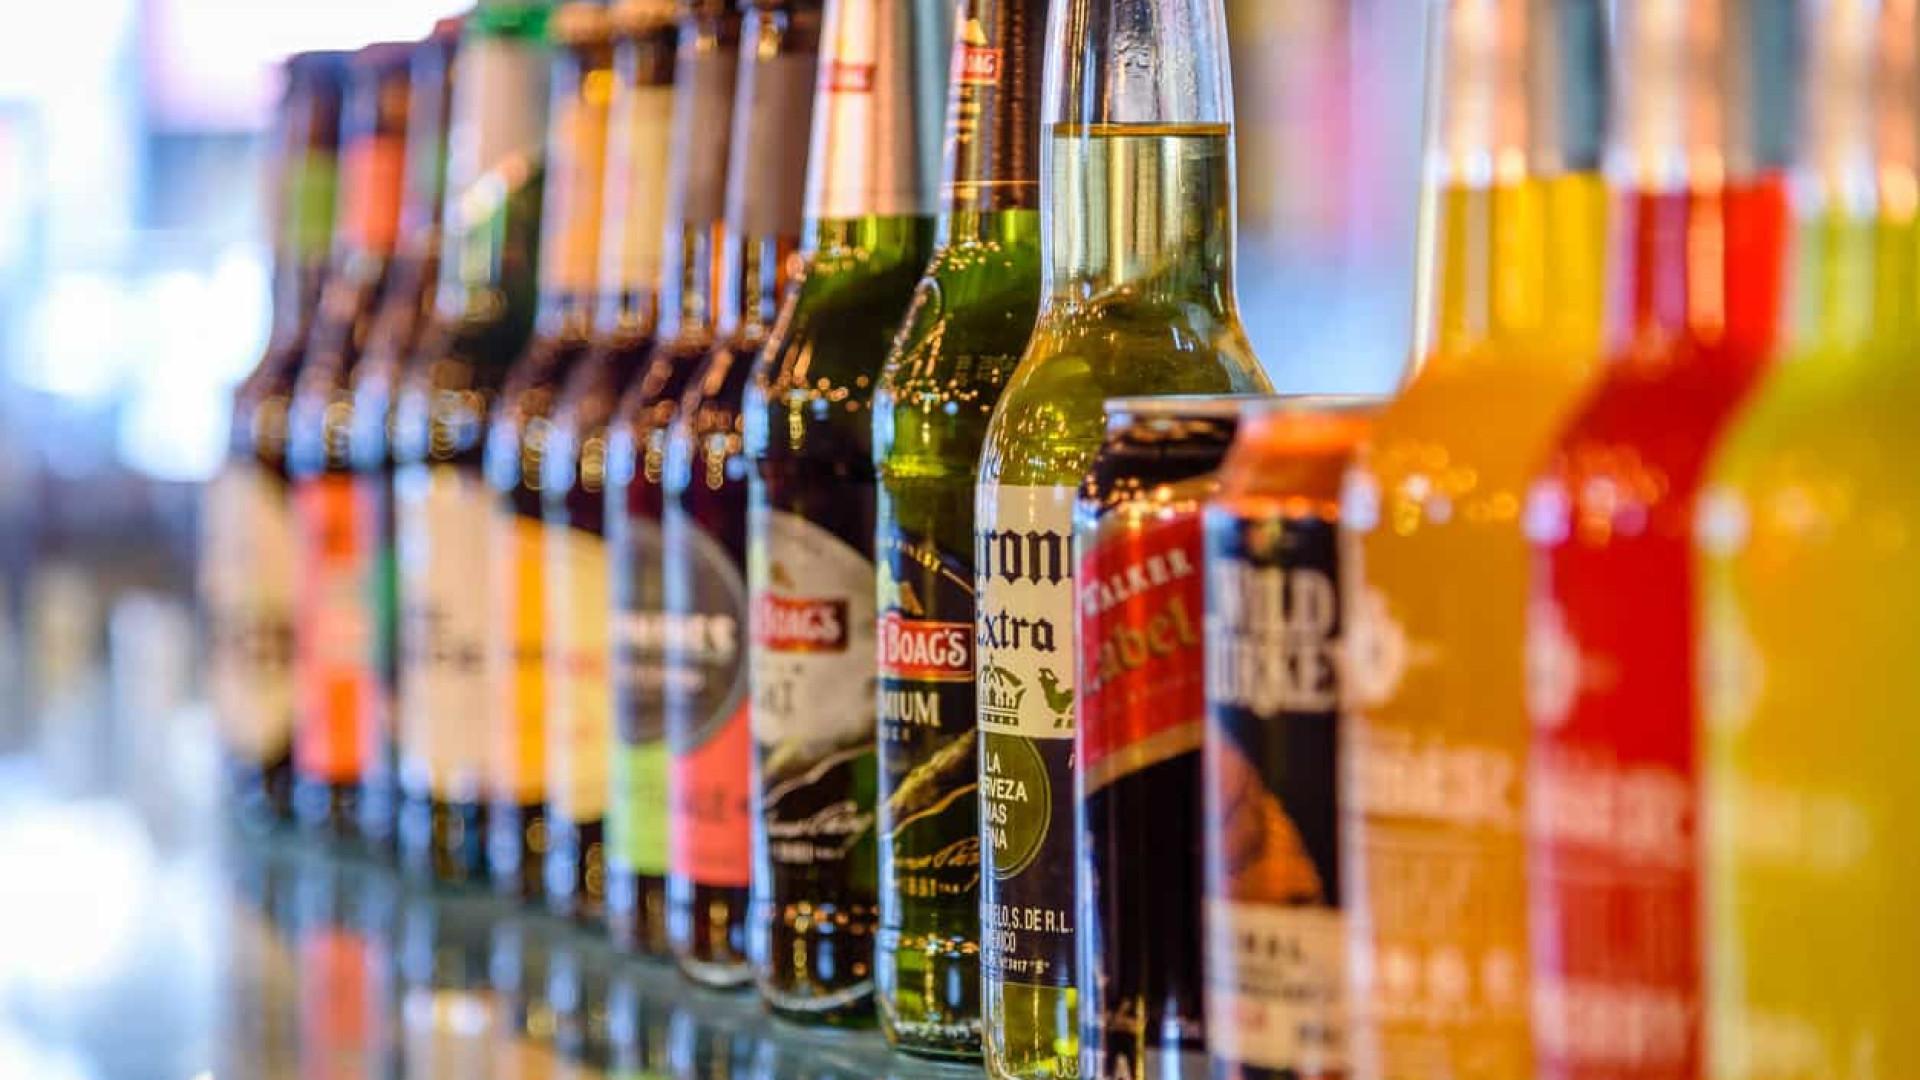 Sim, há pessoas pesquisando a relação entre a cerveja Corona e o vírus